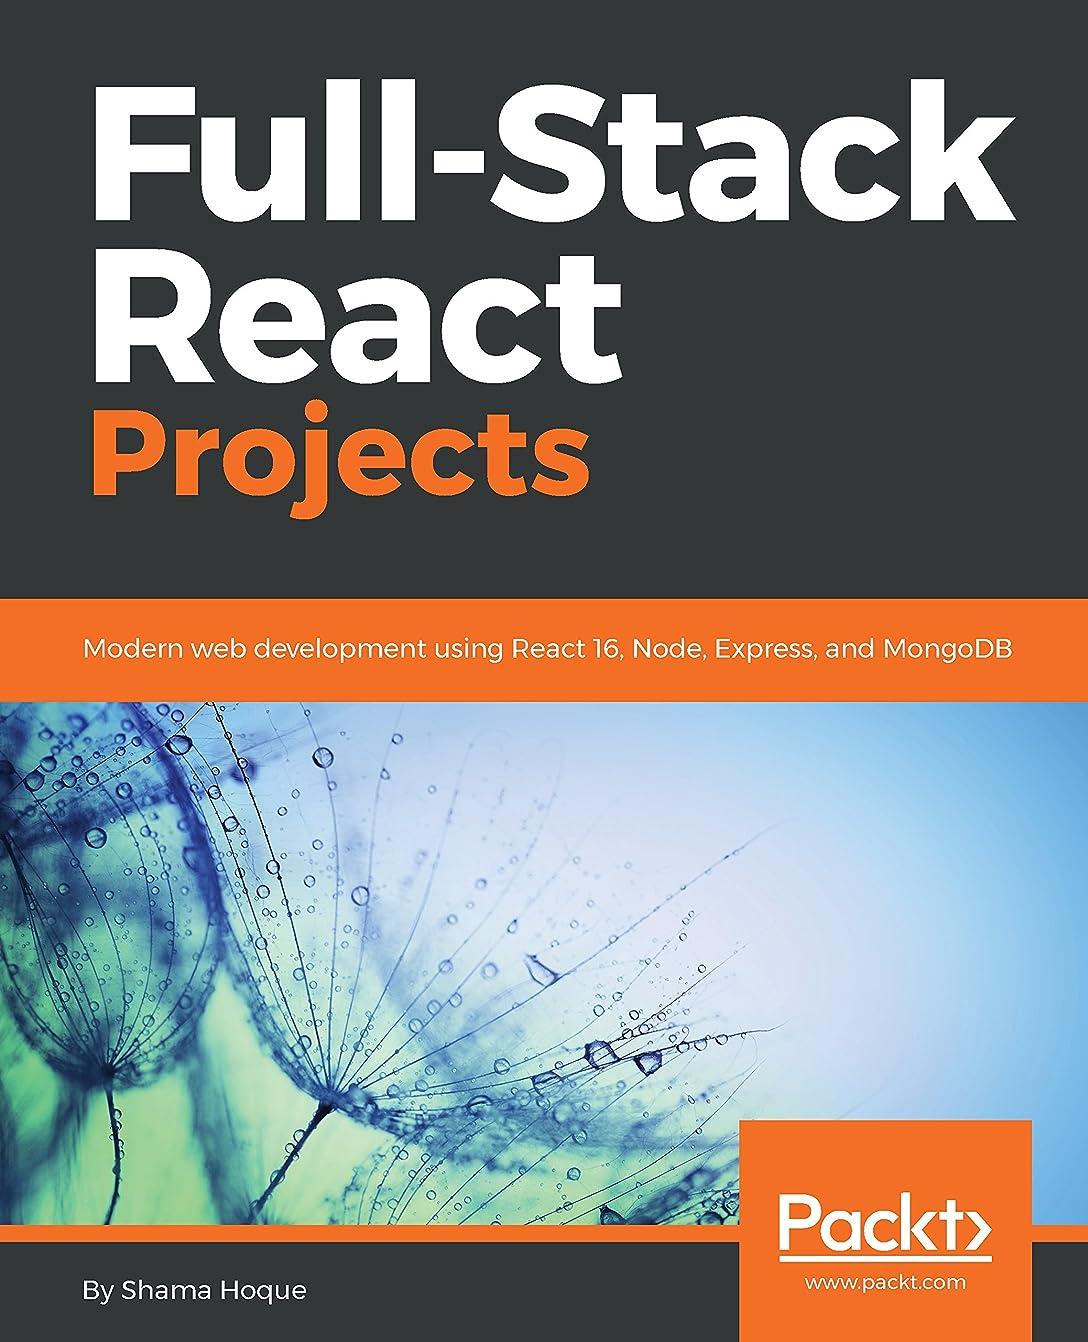 結紮引っ張る予定Full-Stack React Projects: Modern web development using React 16, Node, Express, and MongoDB (English Edition)